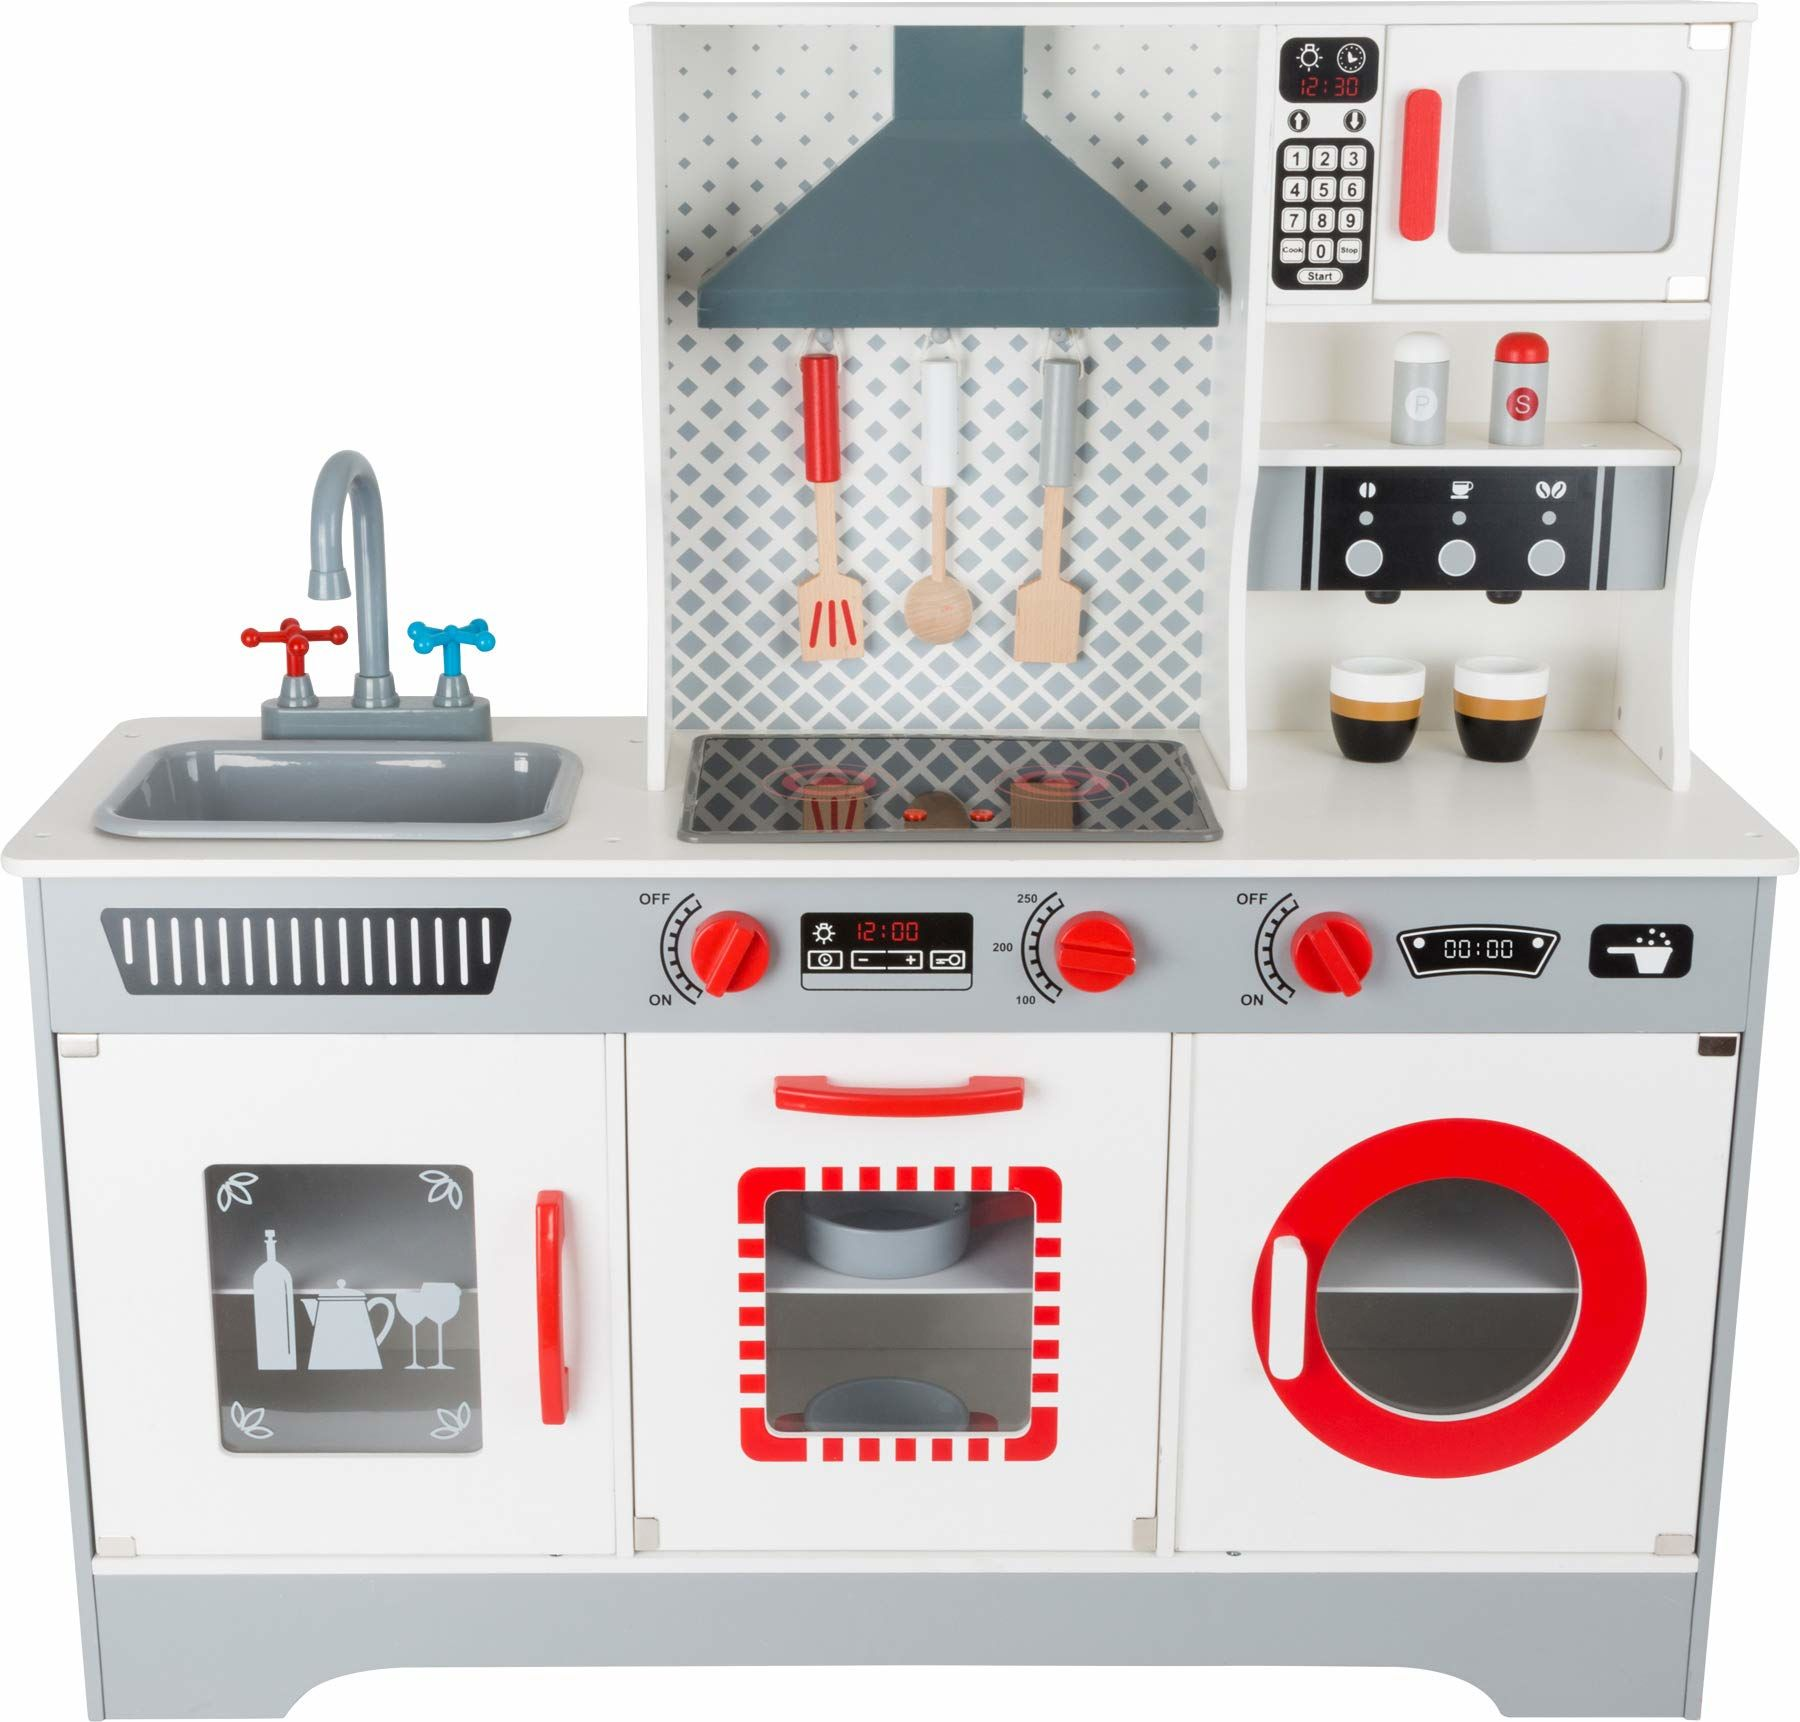 Small Foot 11081 Premium Play Kitchen wykonana z drewna, w tym ekspres do kawy, zmywarka, pralka i inne, dla dzieci od 3 lat zabawki, wielokolorowa